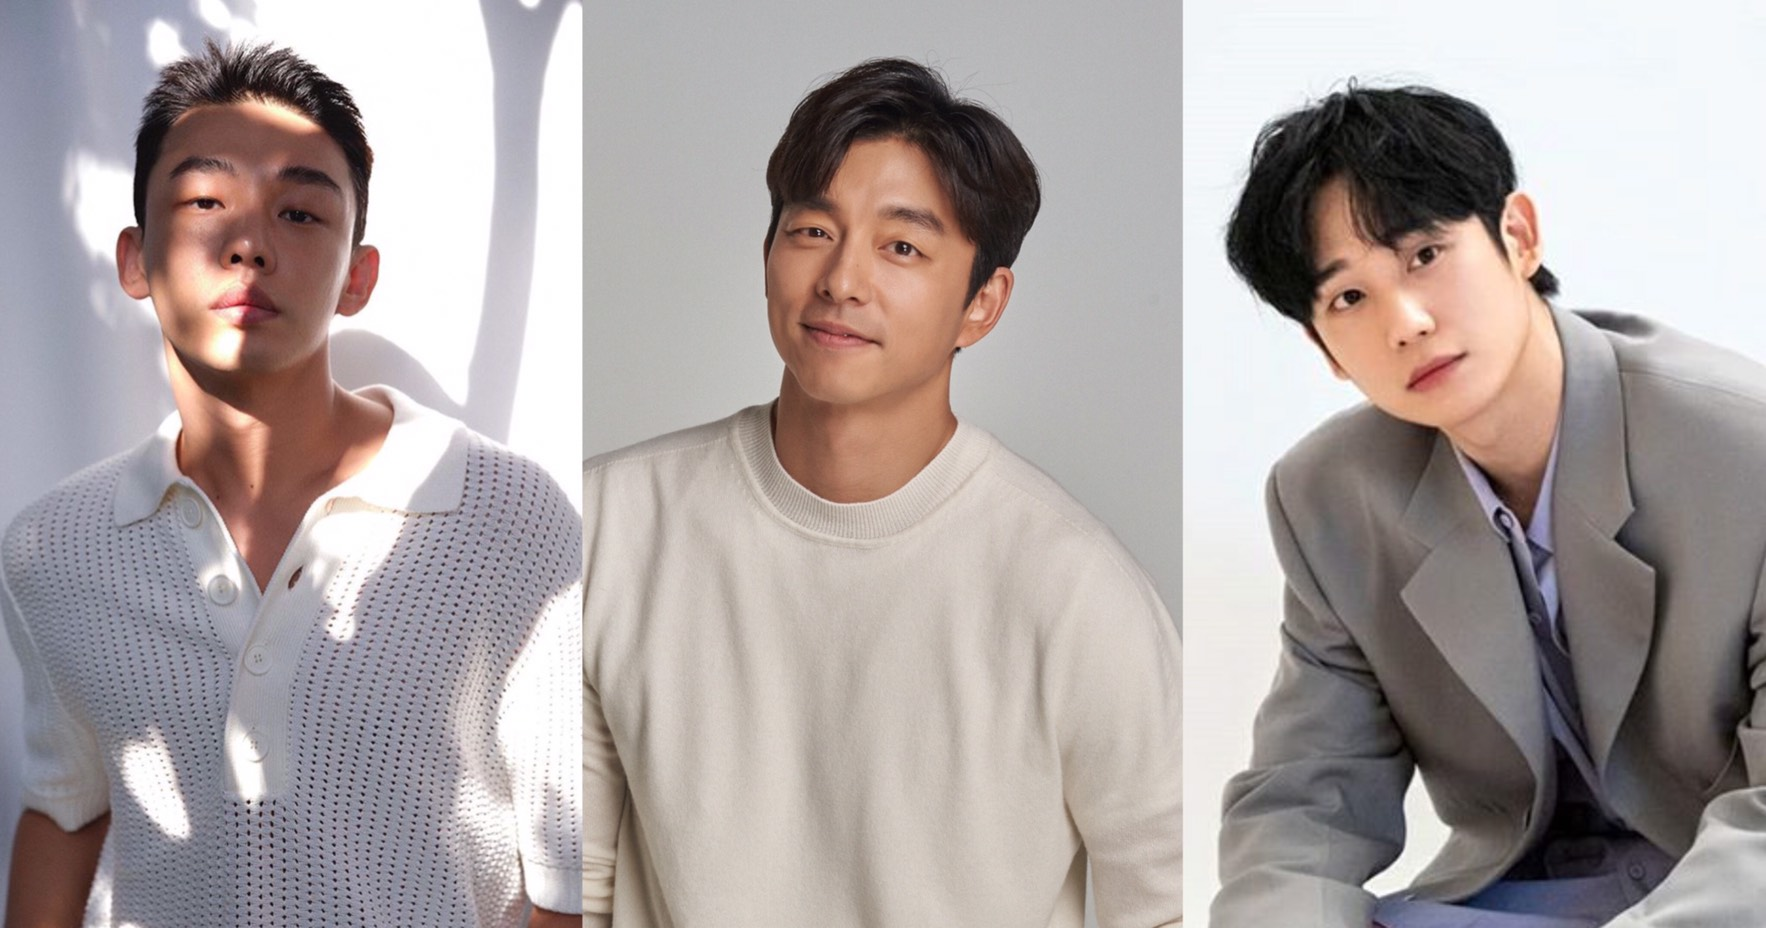 孔劉、裴斗娜《寂靜的大海》打頭陣!Netflix 2021韓劇推薦,《屍戰朝鮮》後韓流再次來襲